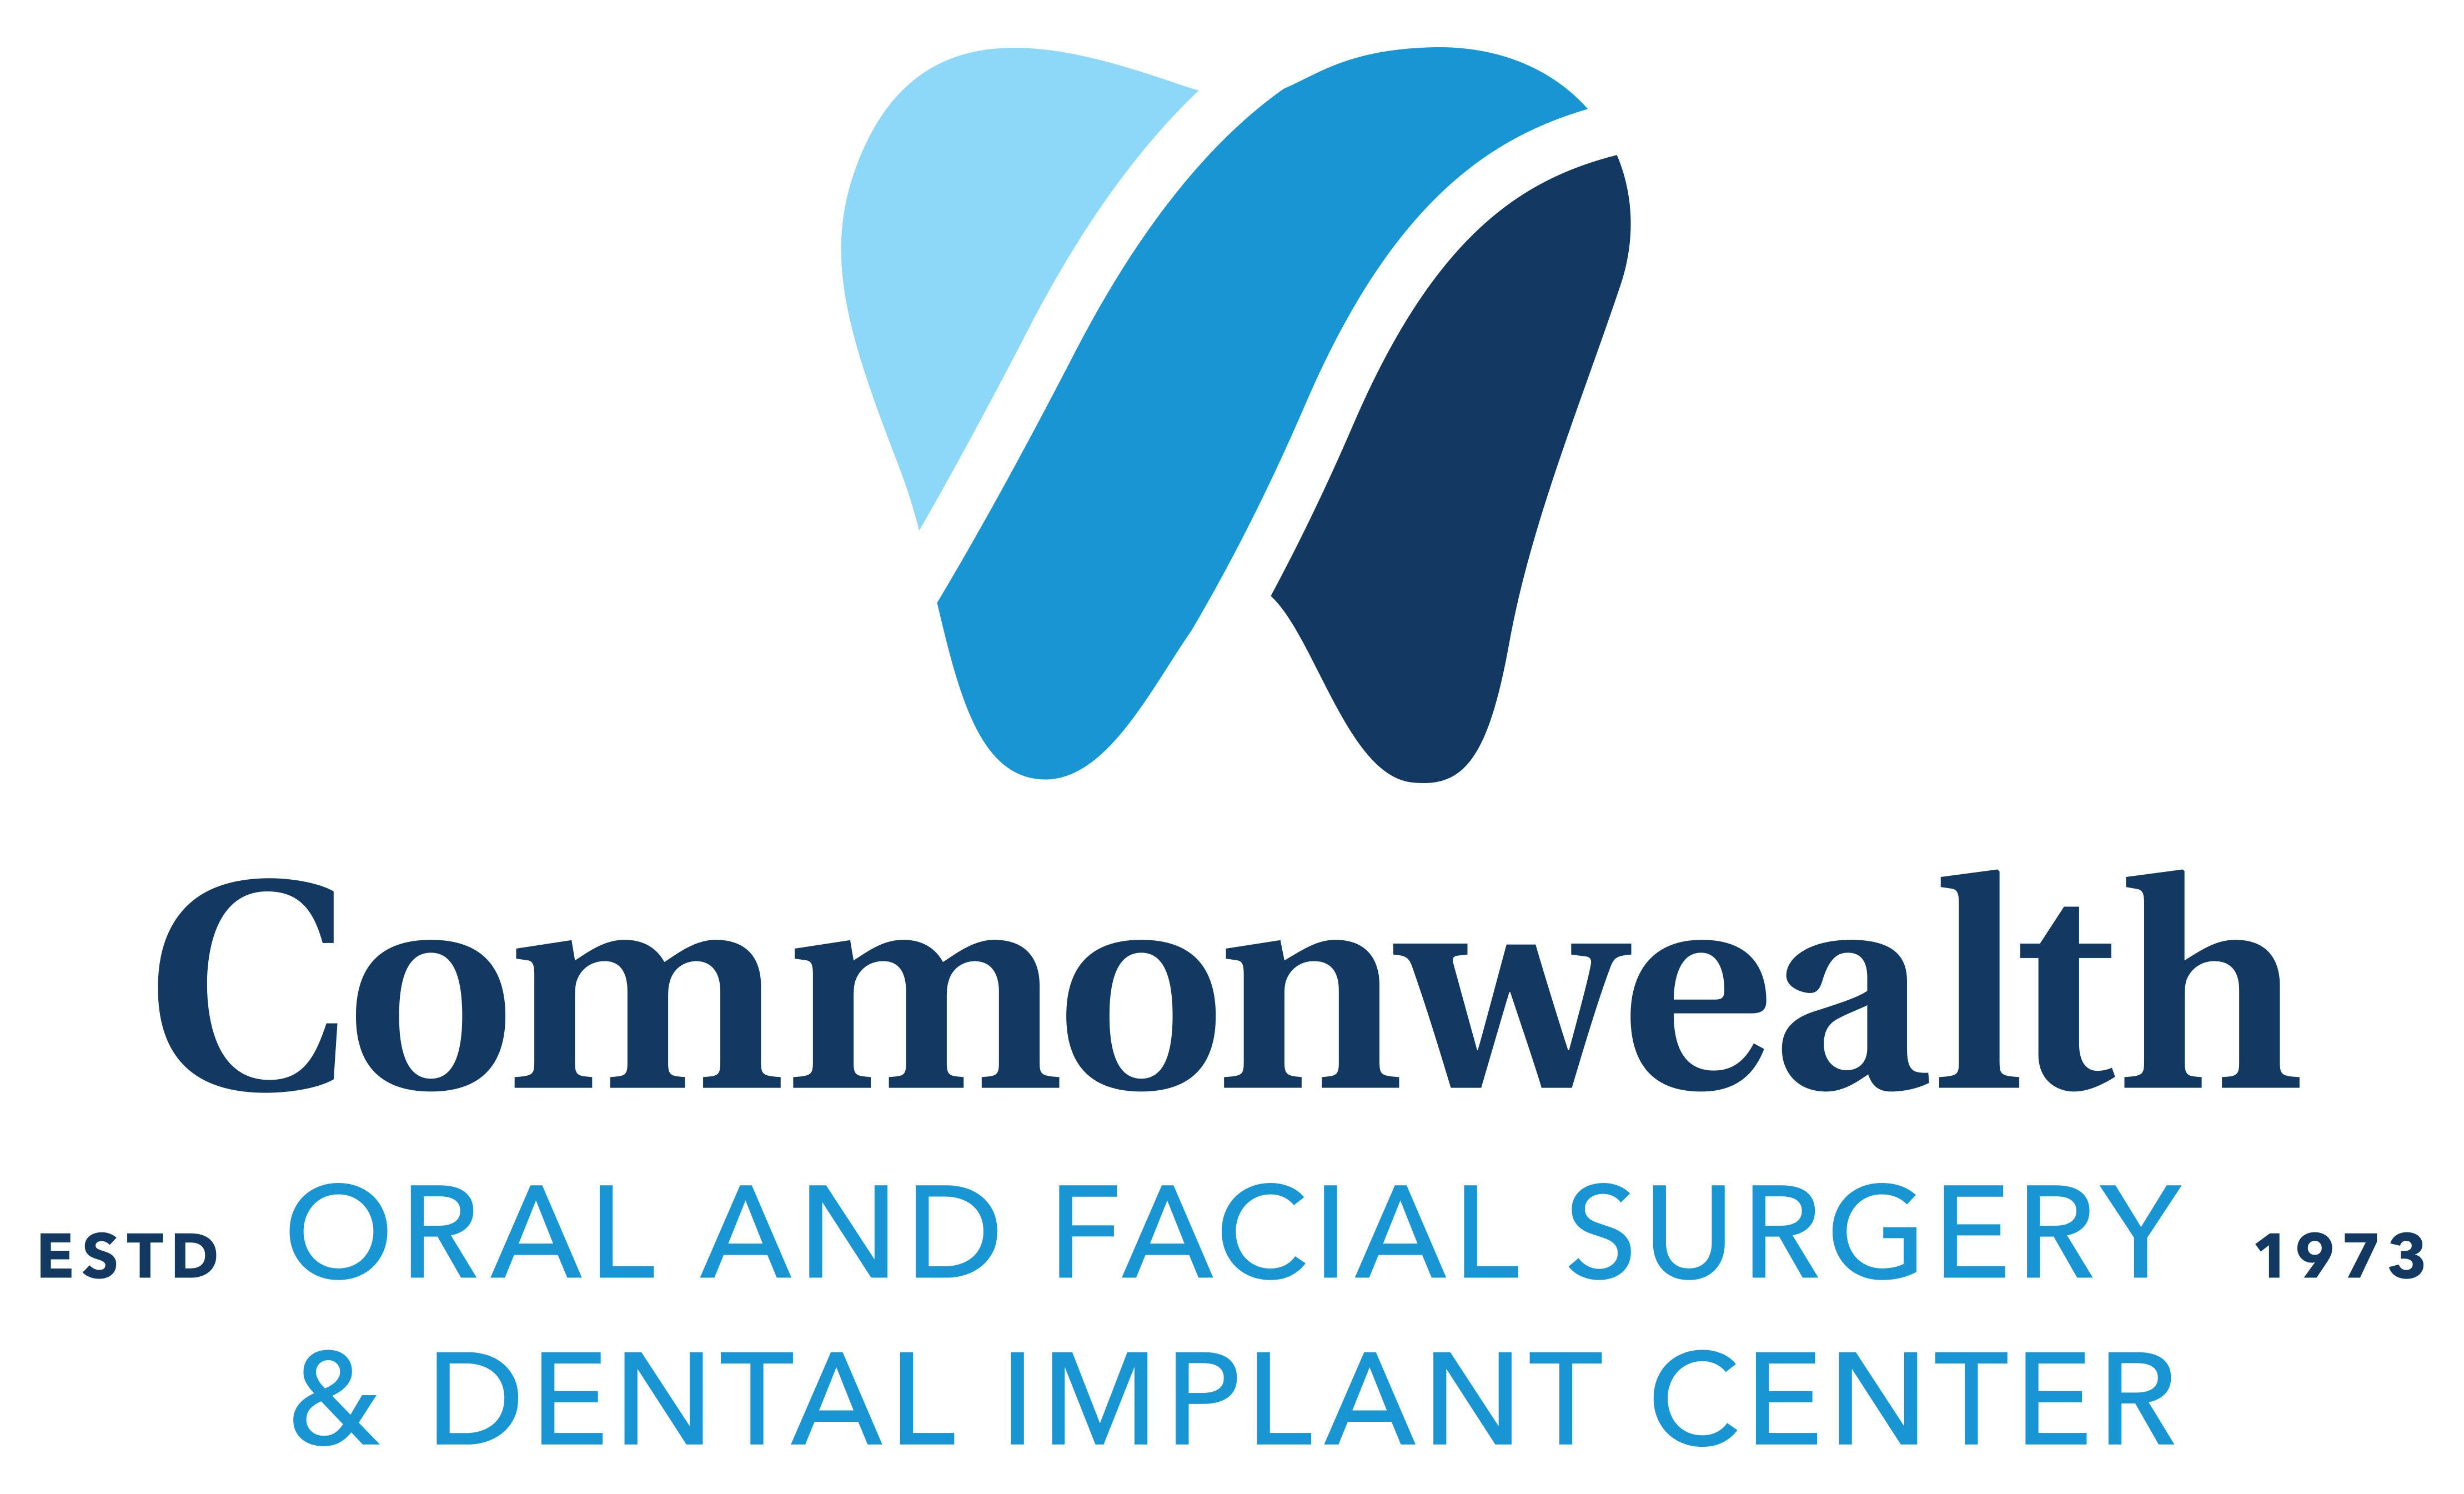 Xxxn teen commonwealth oral and facial surgery online ukrainian